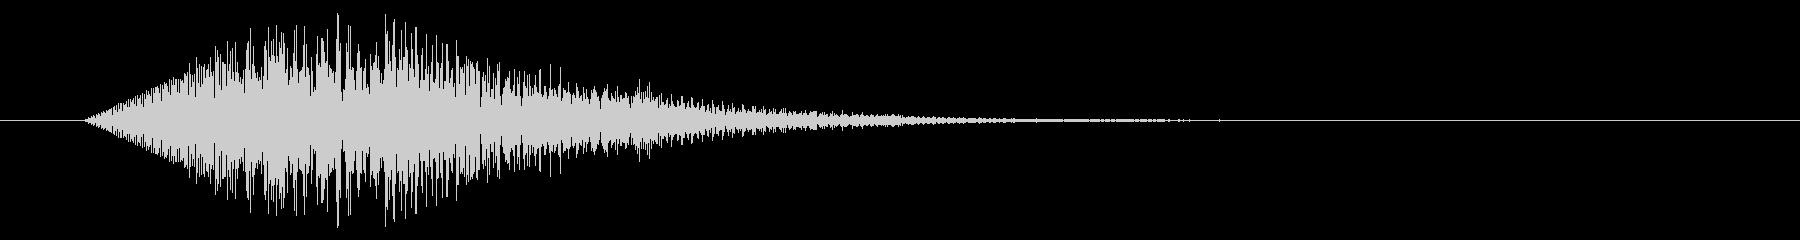 テロップ/柔らかい/ひらひらの未再生の波形